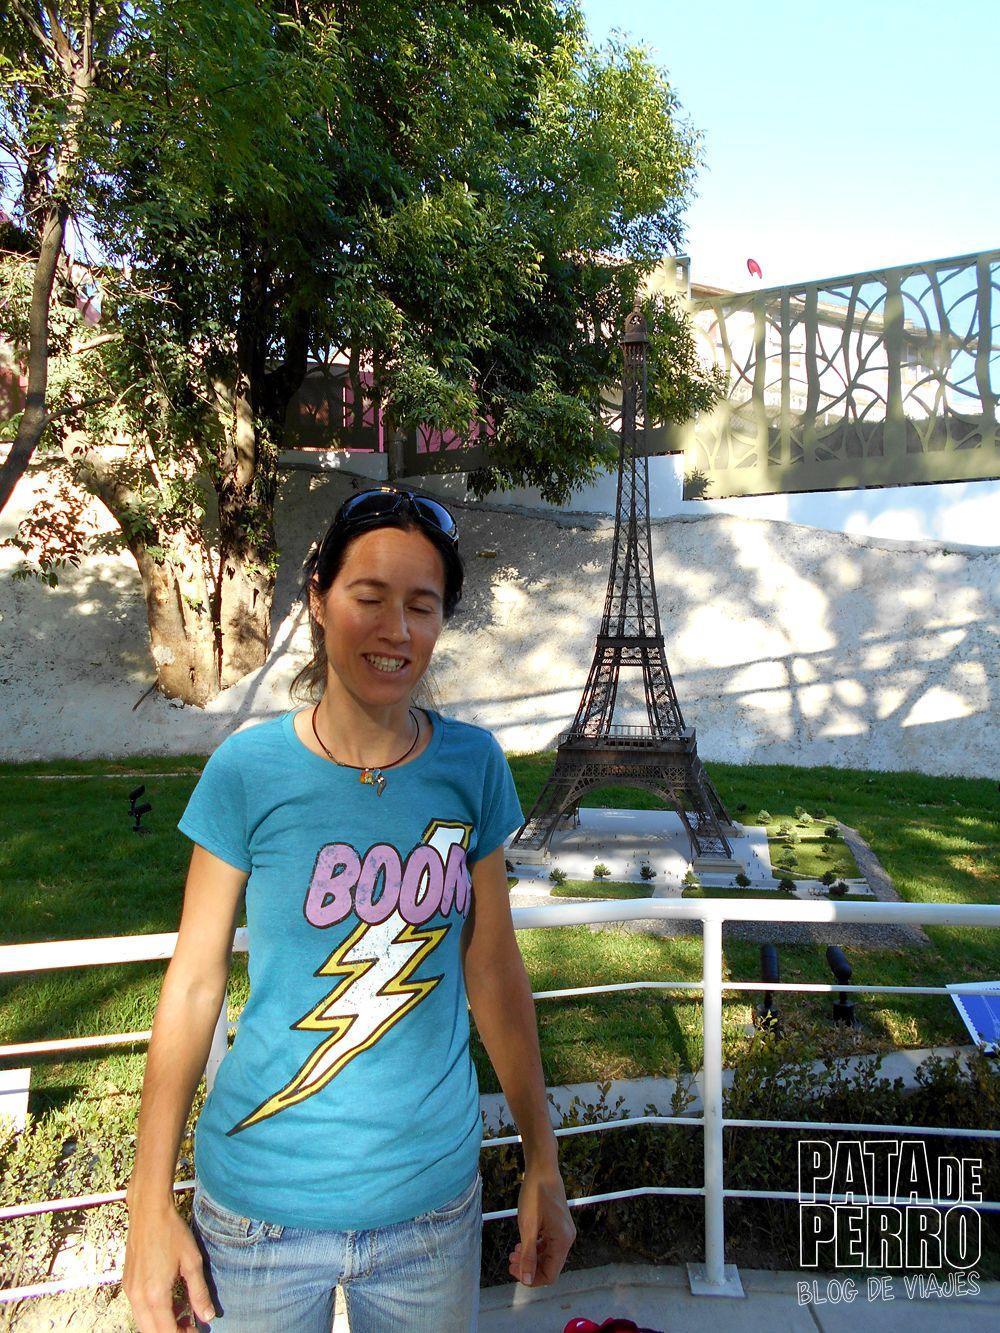 parque-paseo-de-los-gigantes-puebla-mexico-pata-de-perro-blog-de-viajes22